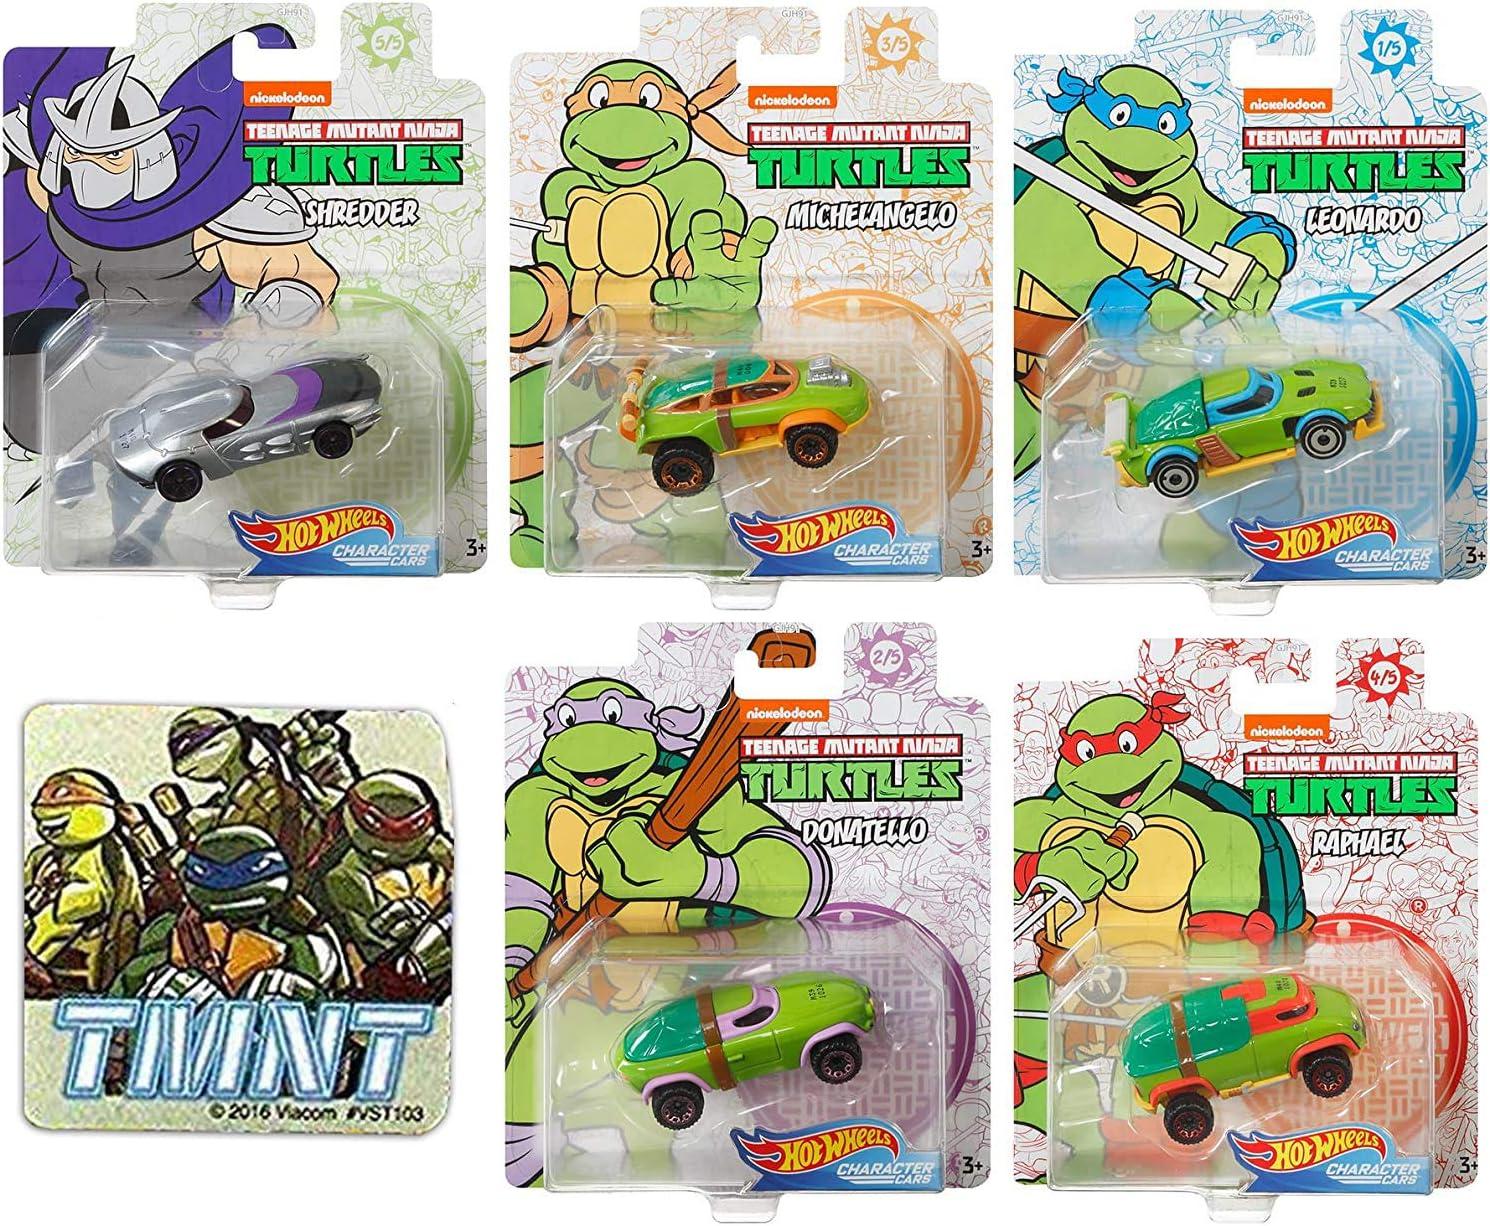 On Patrol Teenage Mutant Ninja Turtles Character Cars Bundled Donatello Michelangelo Leonardo Raphael Heroes & Shredder + TMNT Team Mini Ticker 6 Items